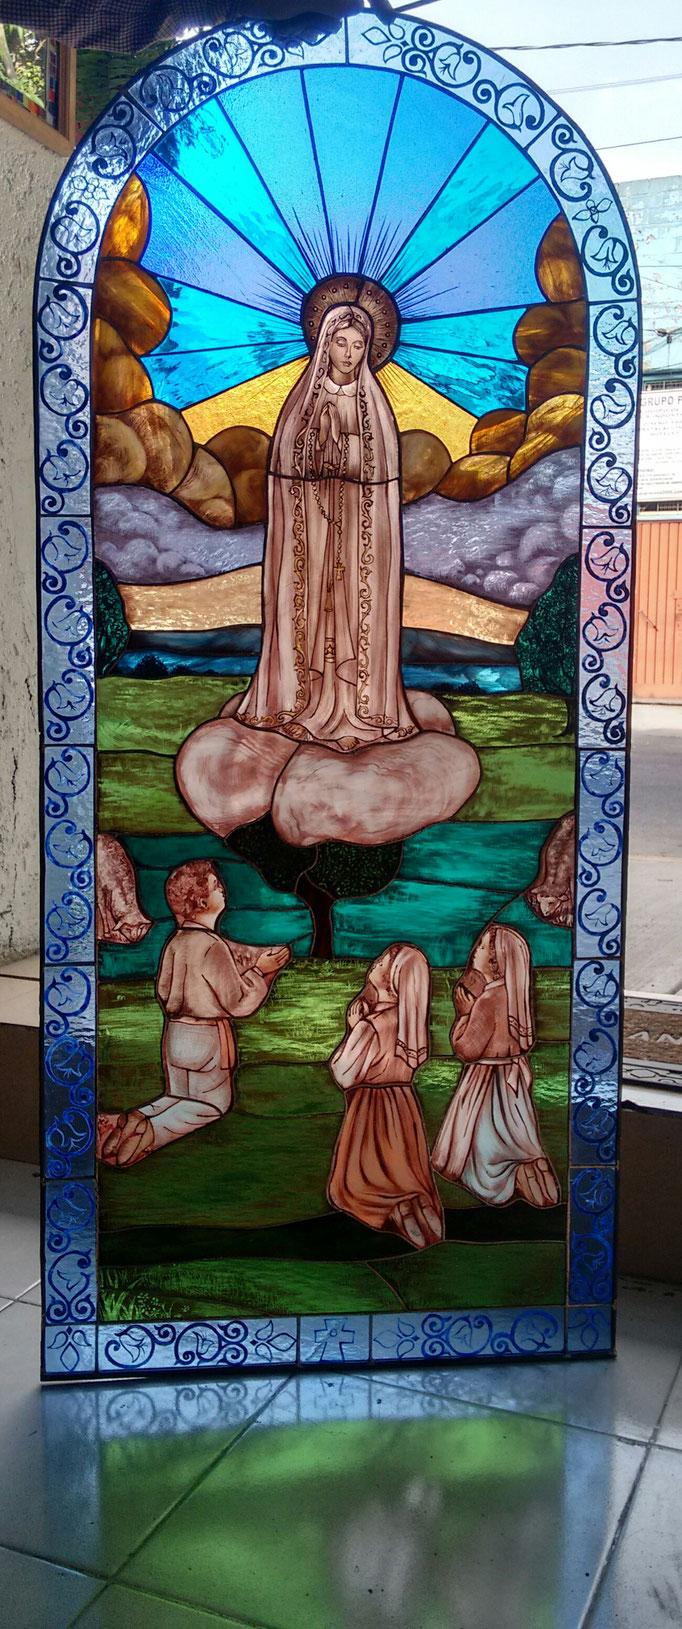 Virgen de Fatima, Vitral en cinta de cobre y grisalla, 150 x 90 cms,